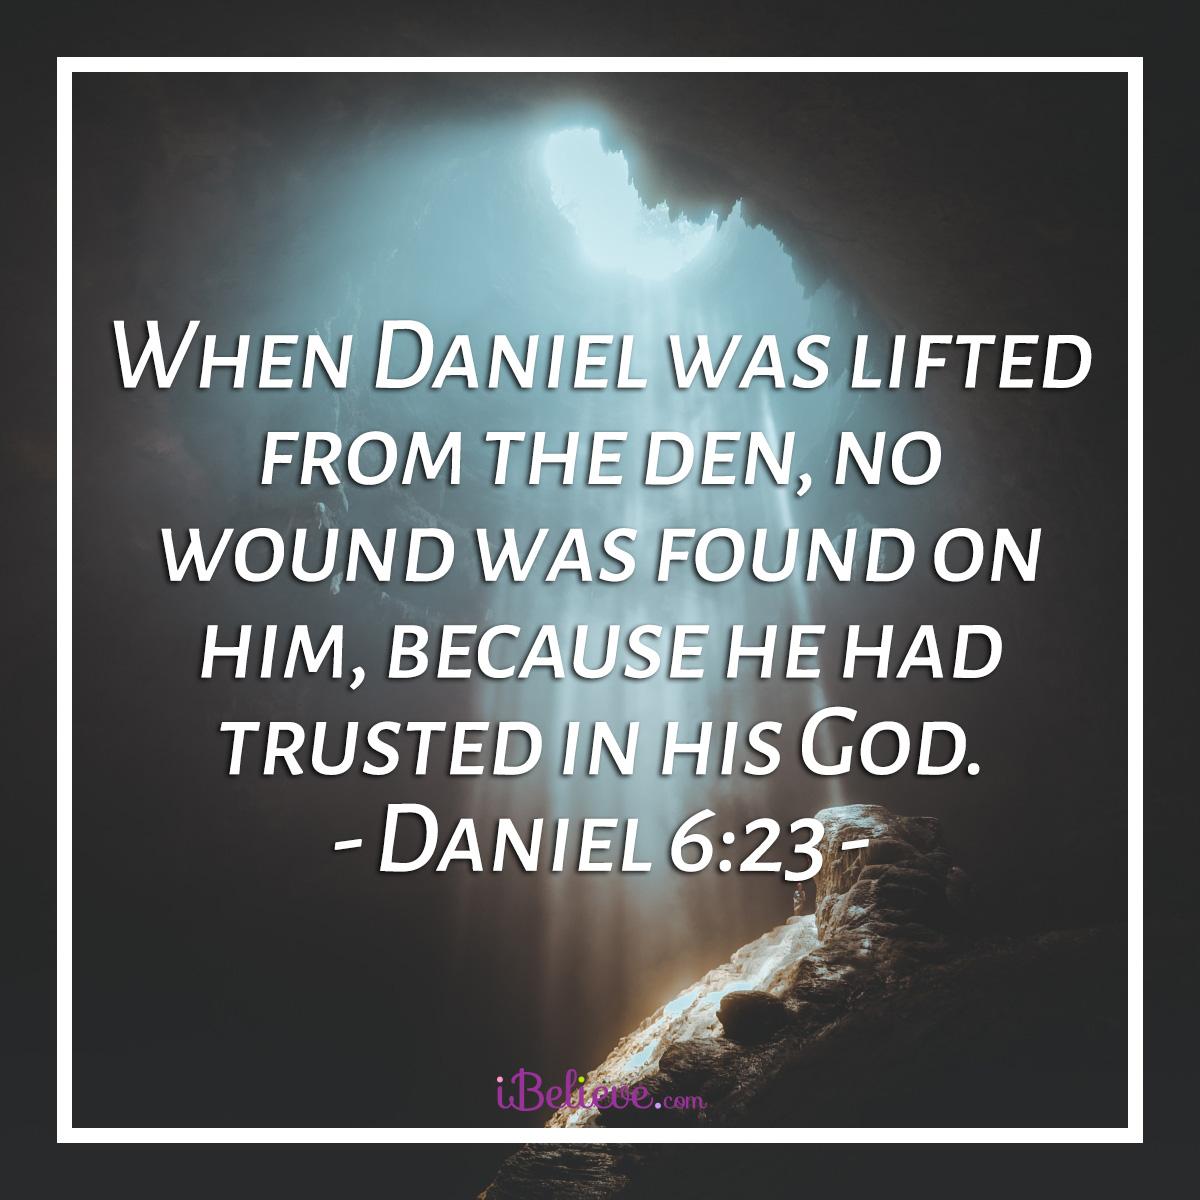 Daniel 6:23